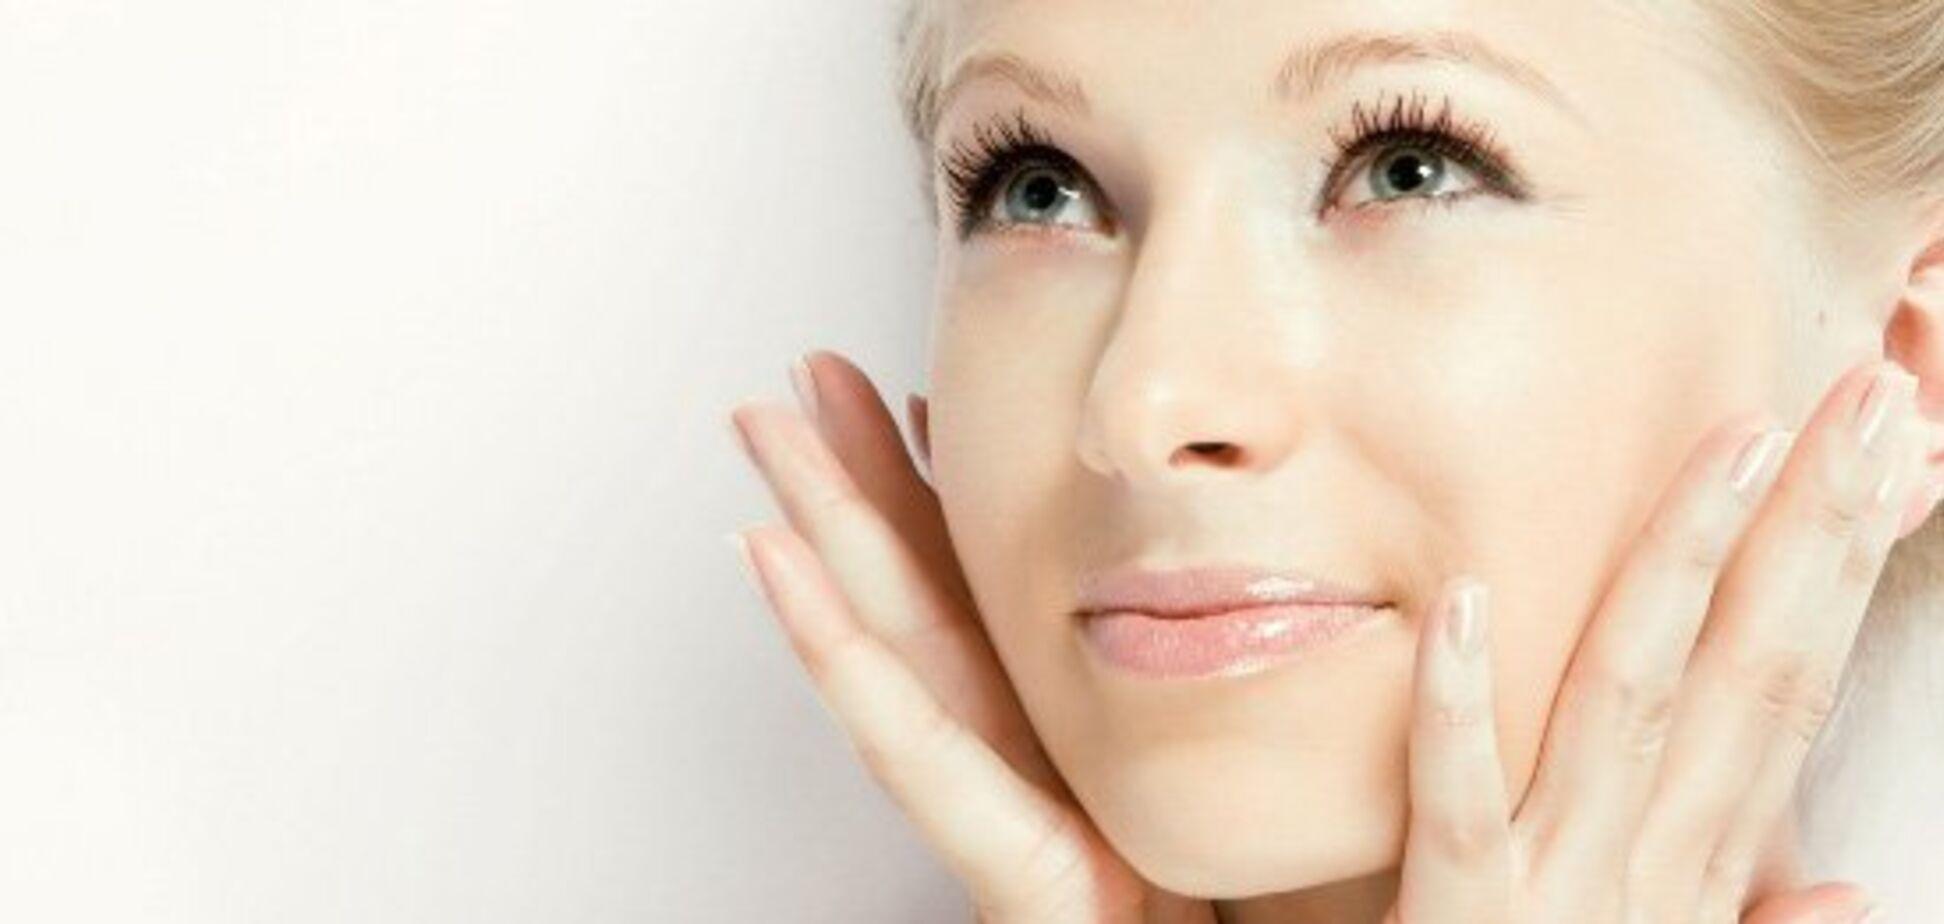 По сиянию кожи можно предсказать опасное заболевание: сделано открытие